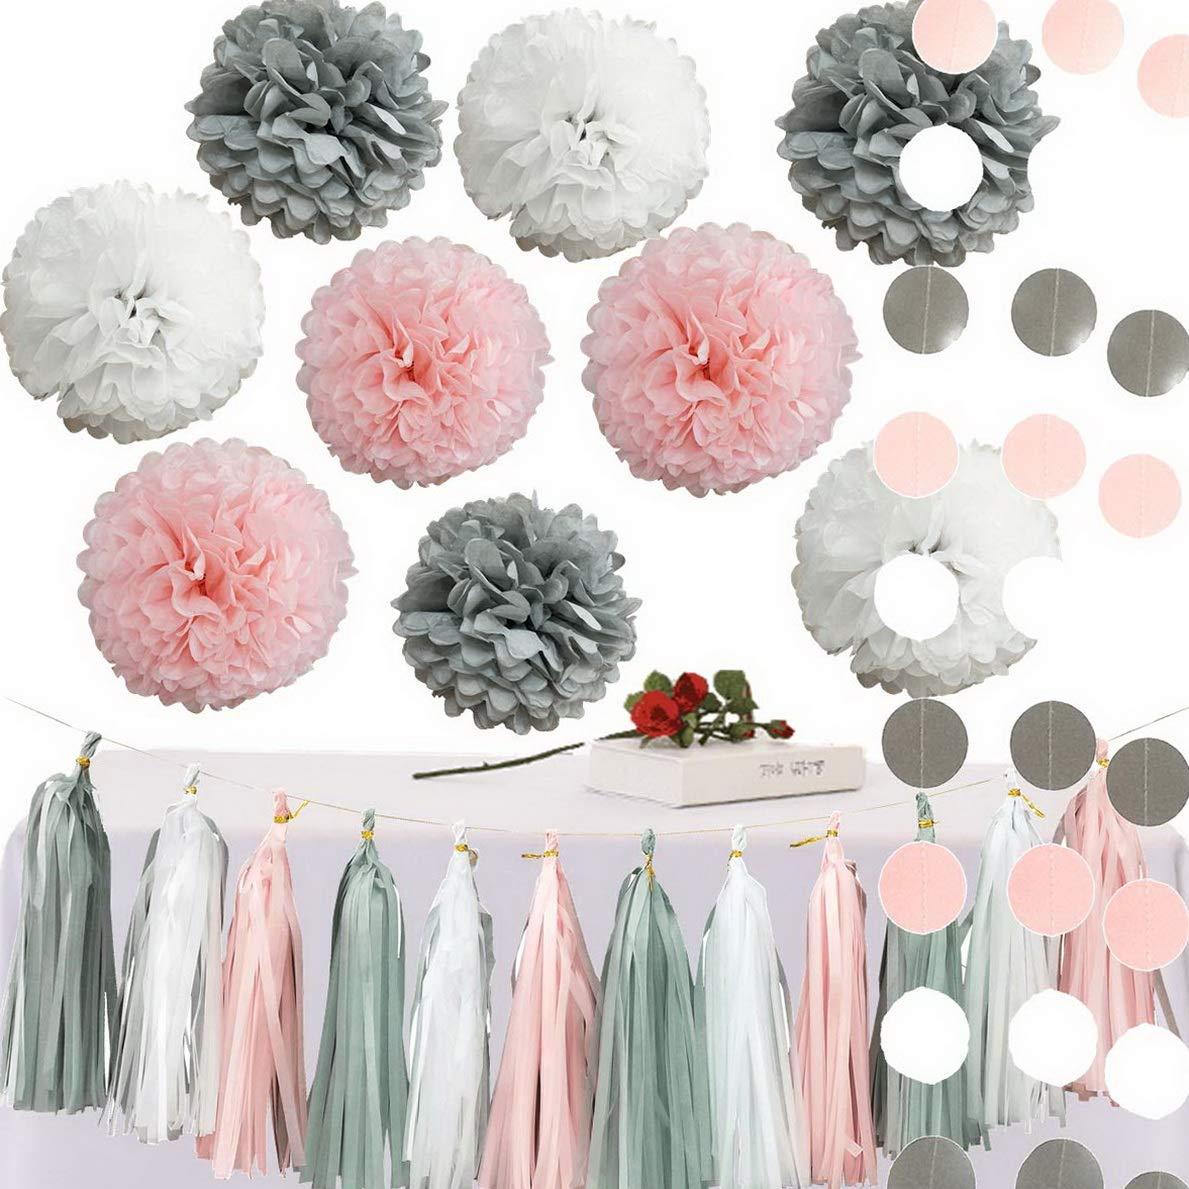 Mikash 23pcs Pink Gray White Shower Birthday Wedding Tissue Paper Pom Pom Party Tion Kit - 12'' 10'' 8'' | 12inch 10inch 8inch | Model WDDNG - 2407